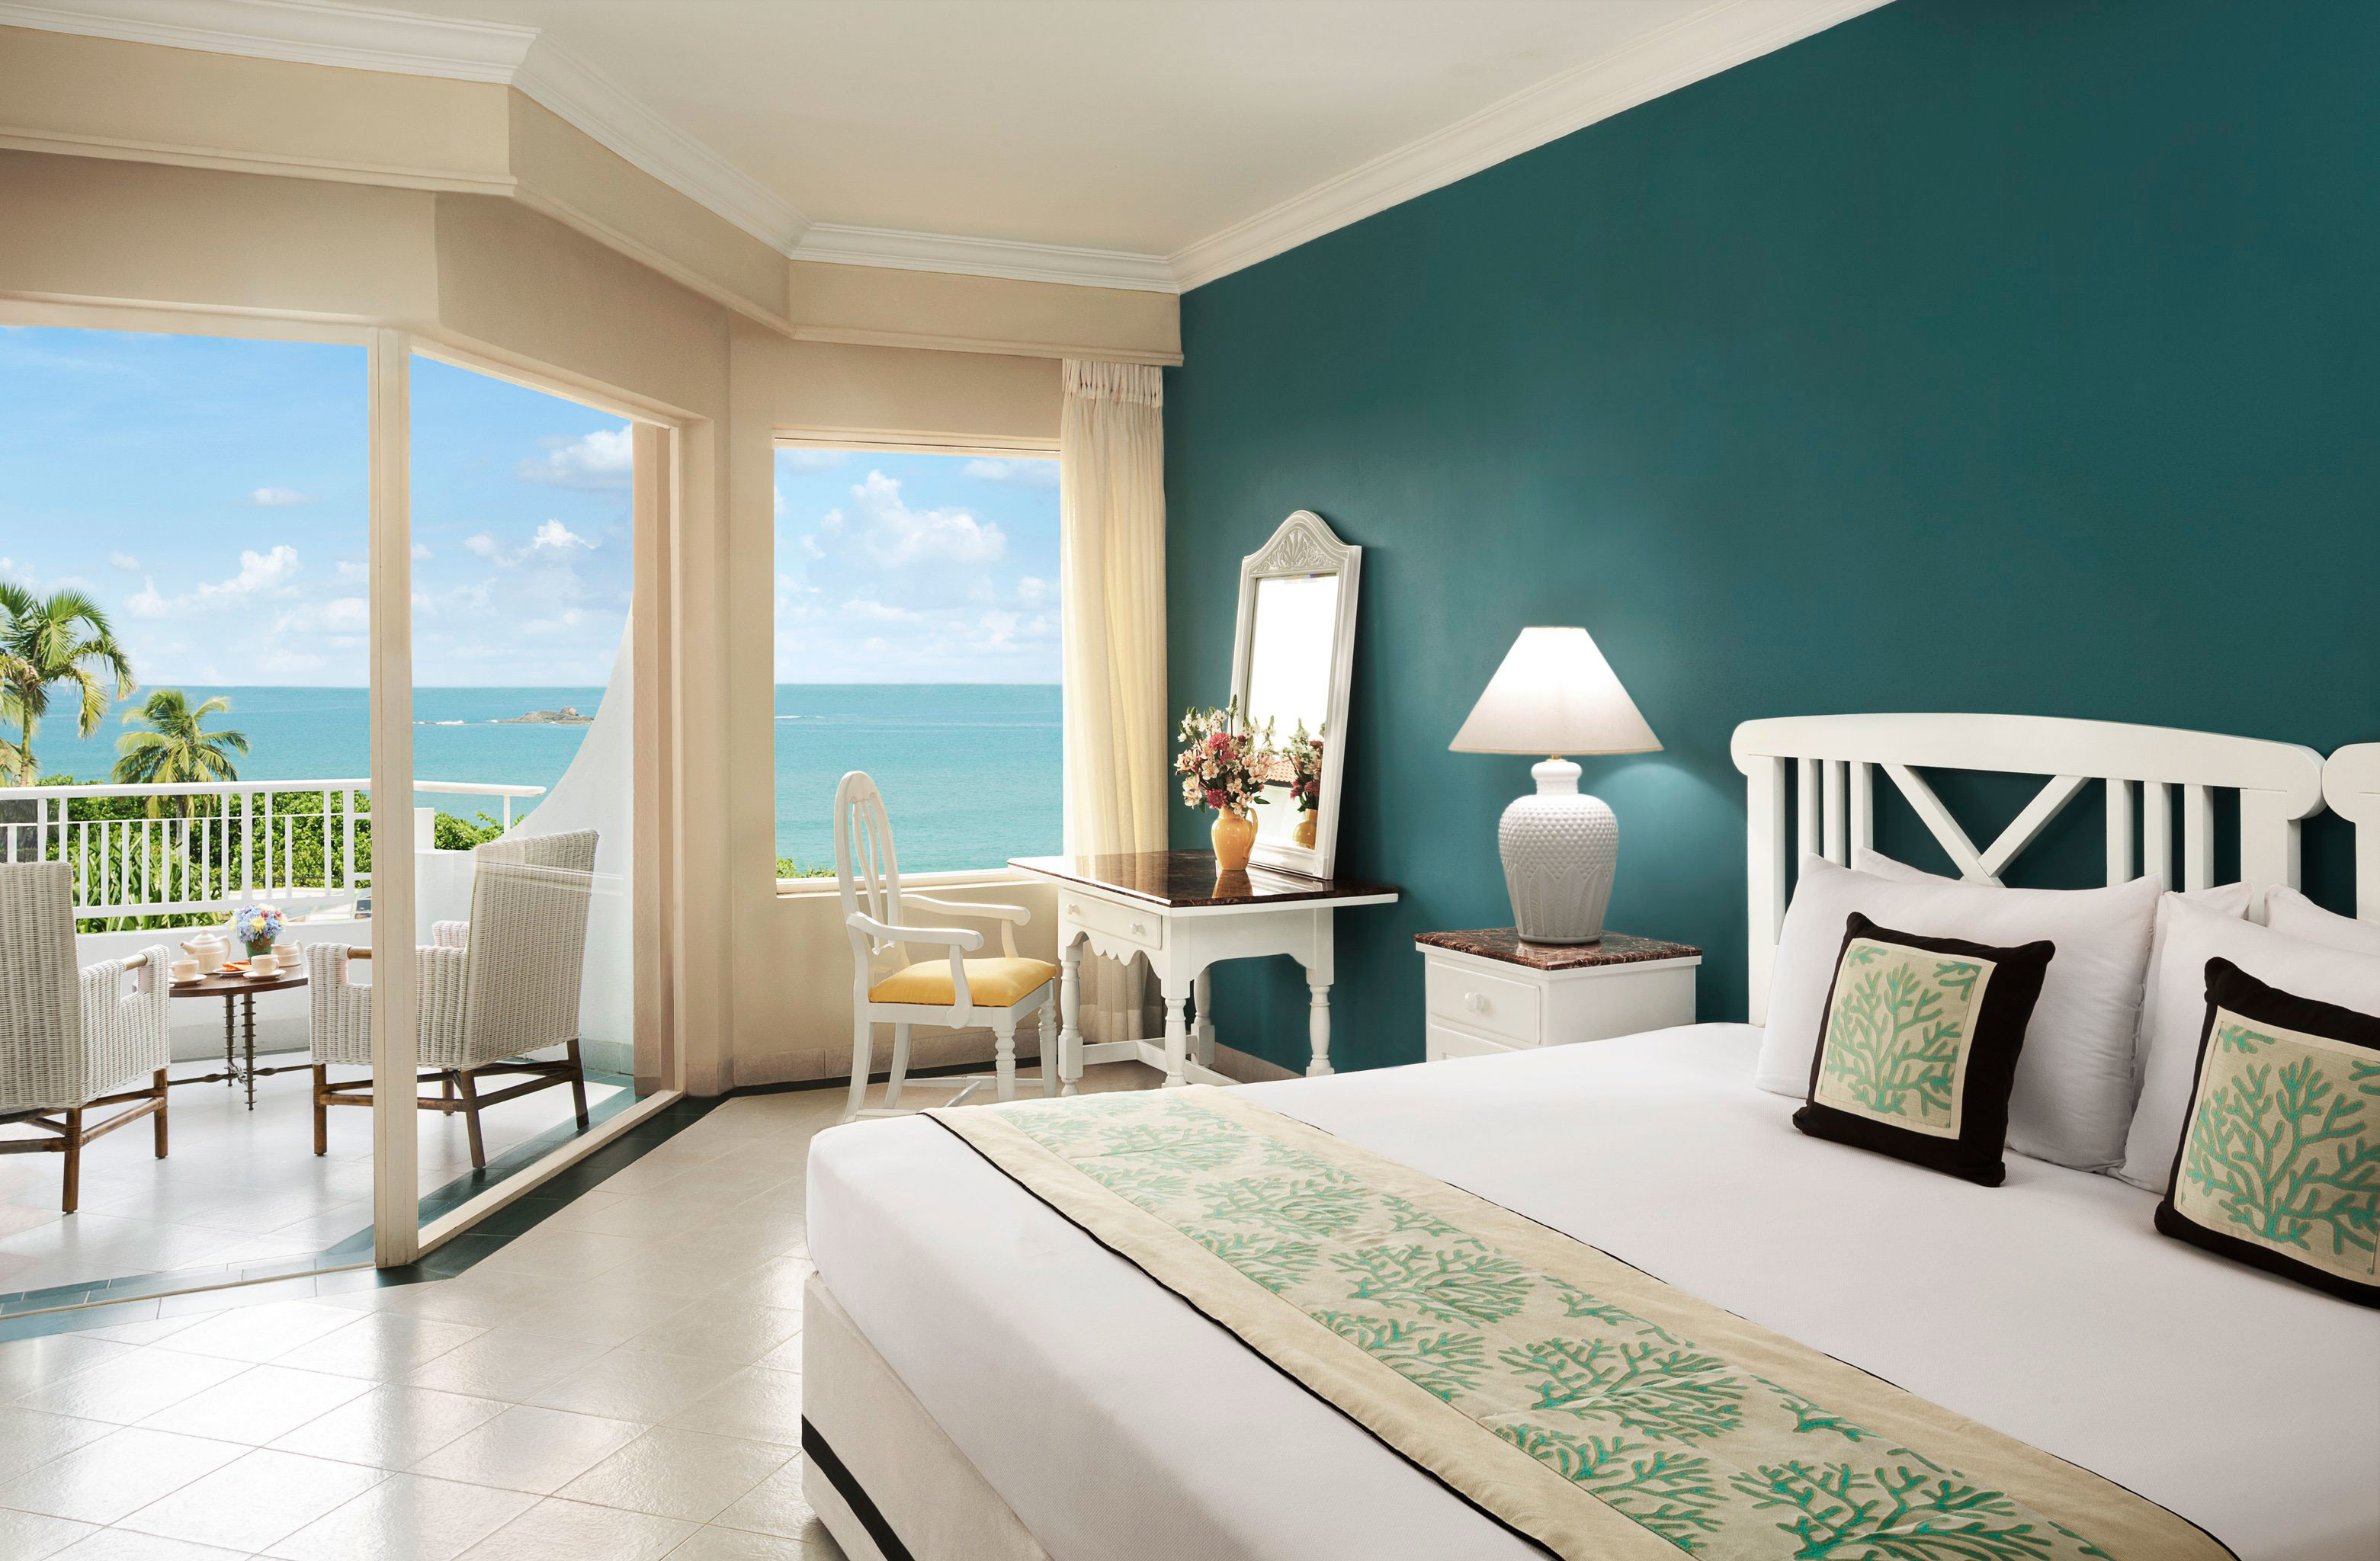 Bedroom Modern Resort Scenic views property condominium home living room Suite nice overlooking